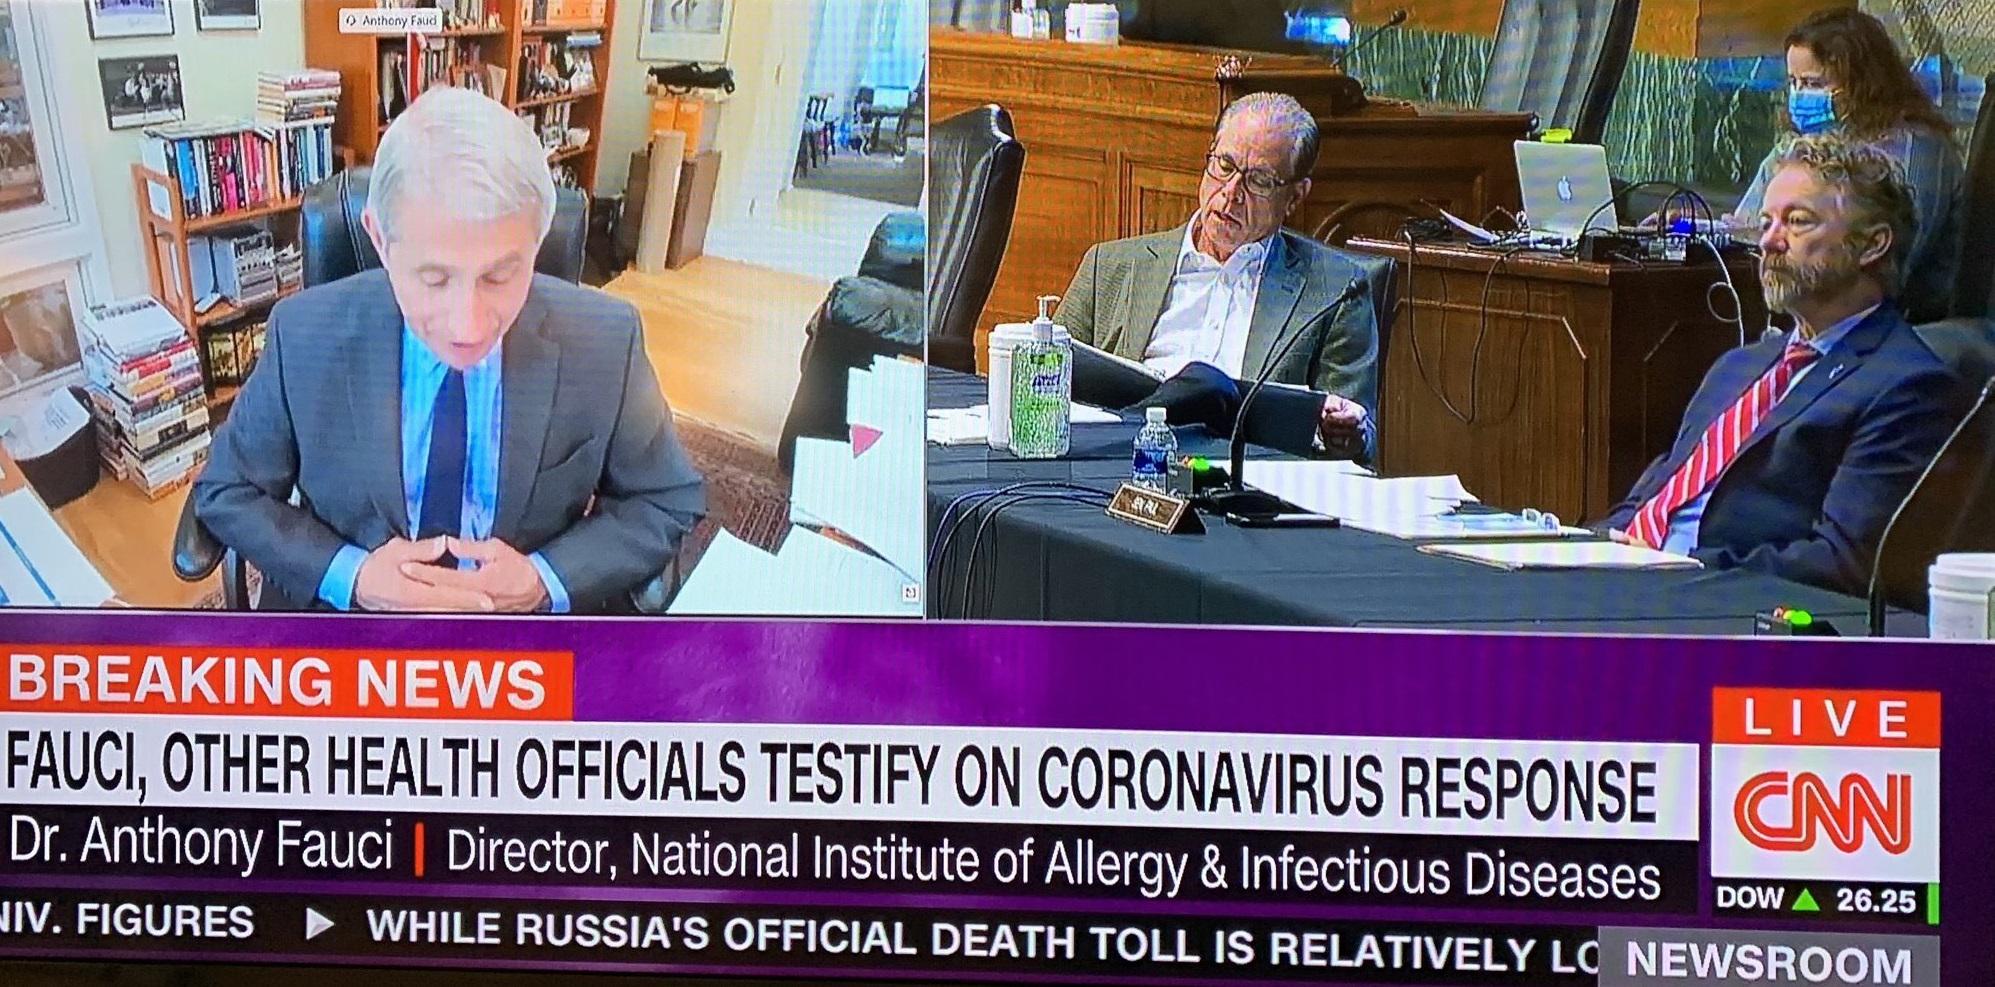 ABD' de bütün tv kanallarına açık pandemi toplantısında koronavirüs tartışıldı